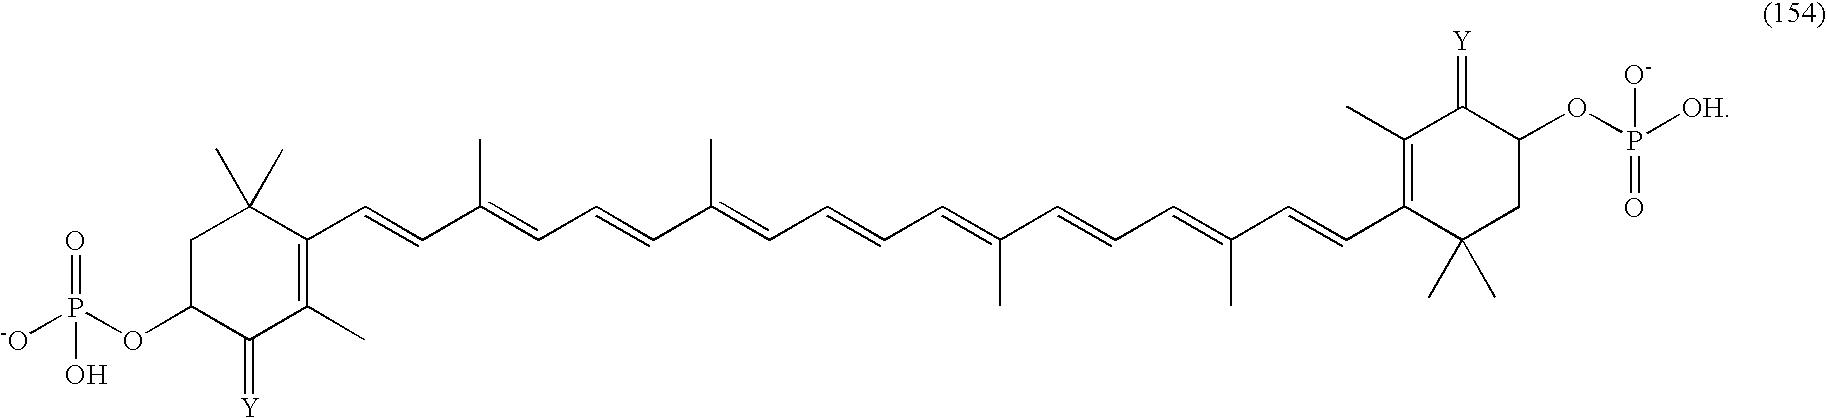 Figure US07691901-20100406-C00050